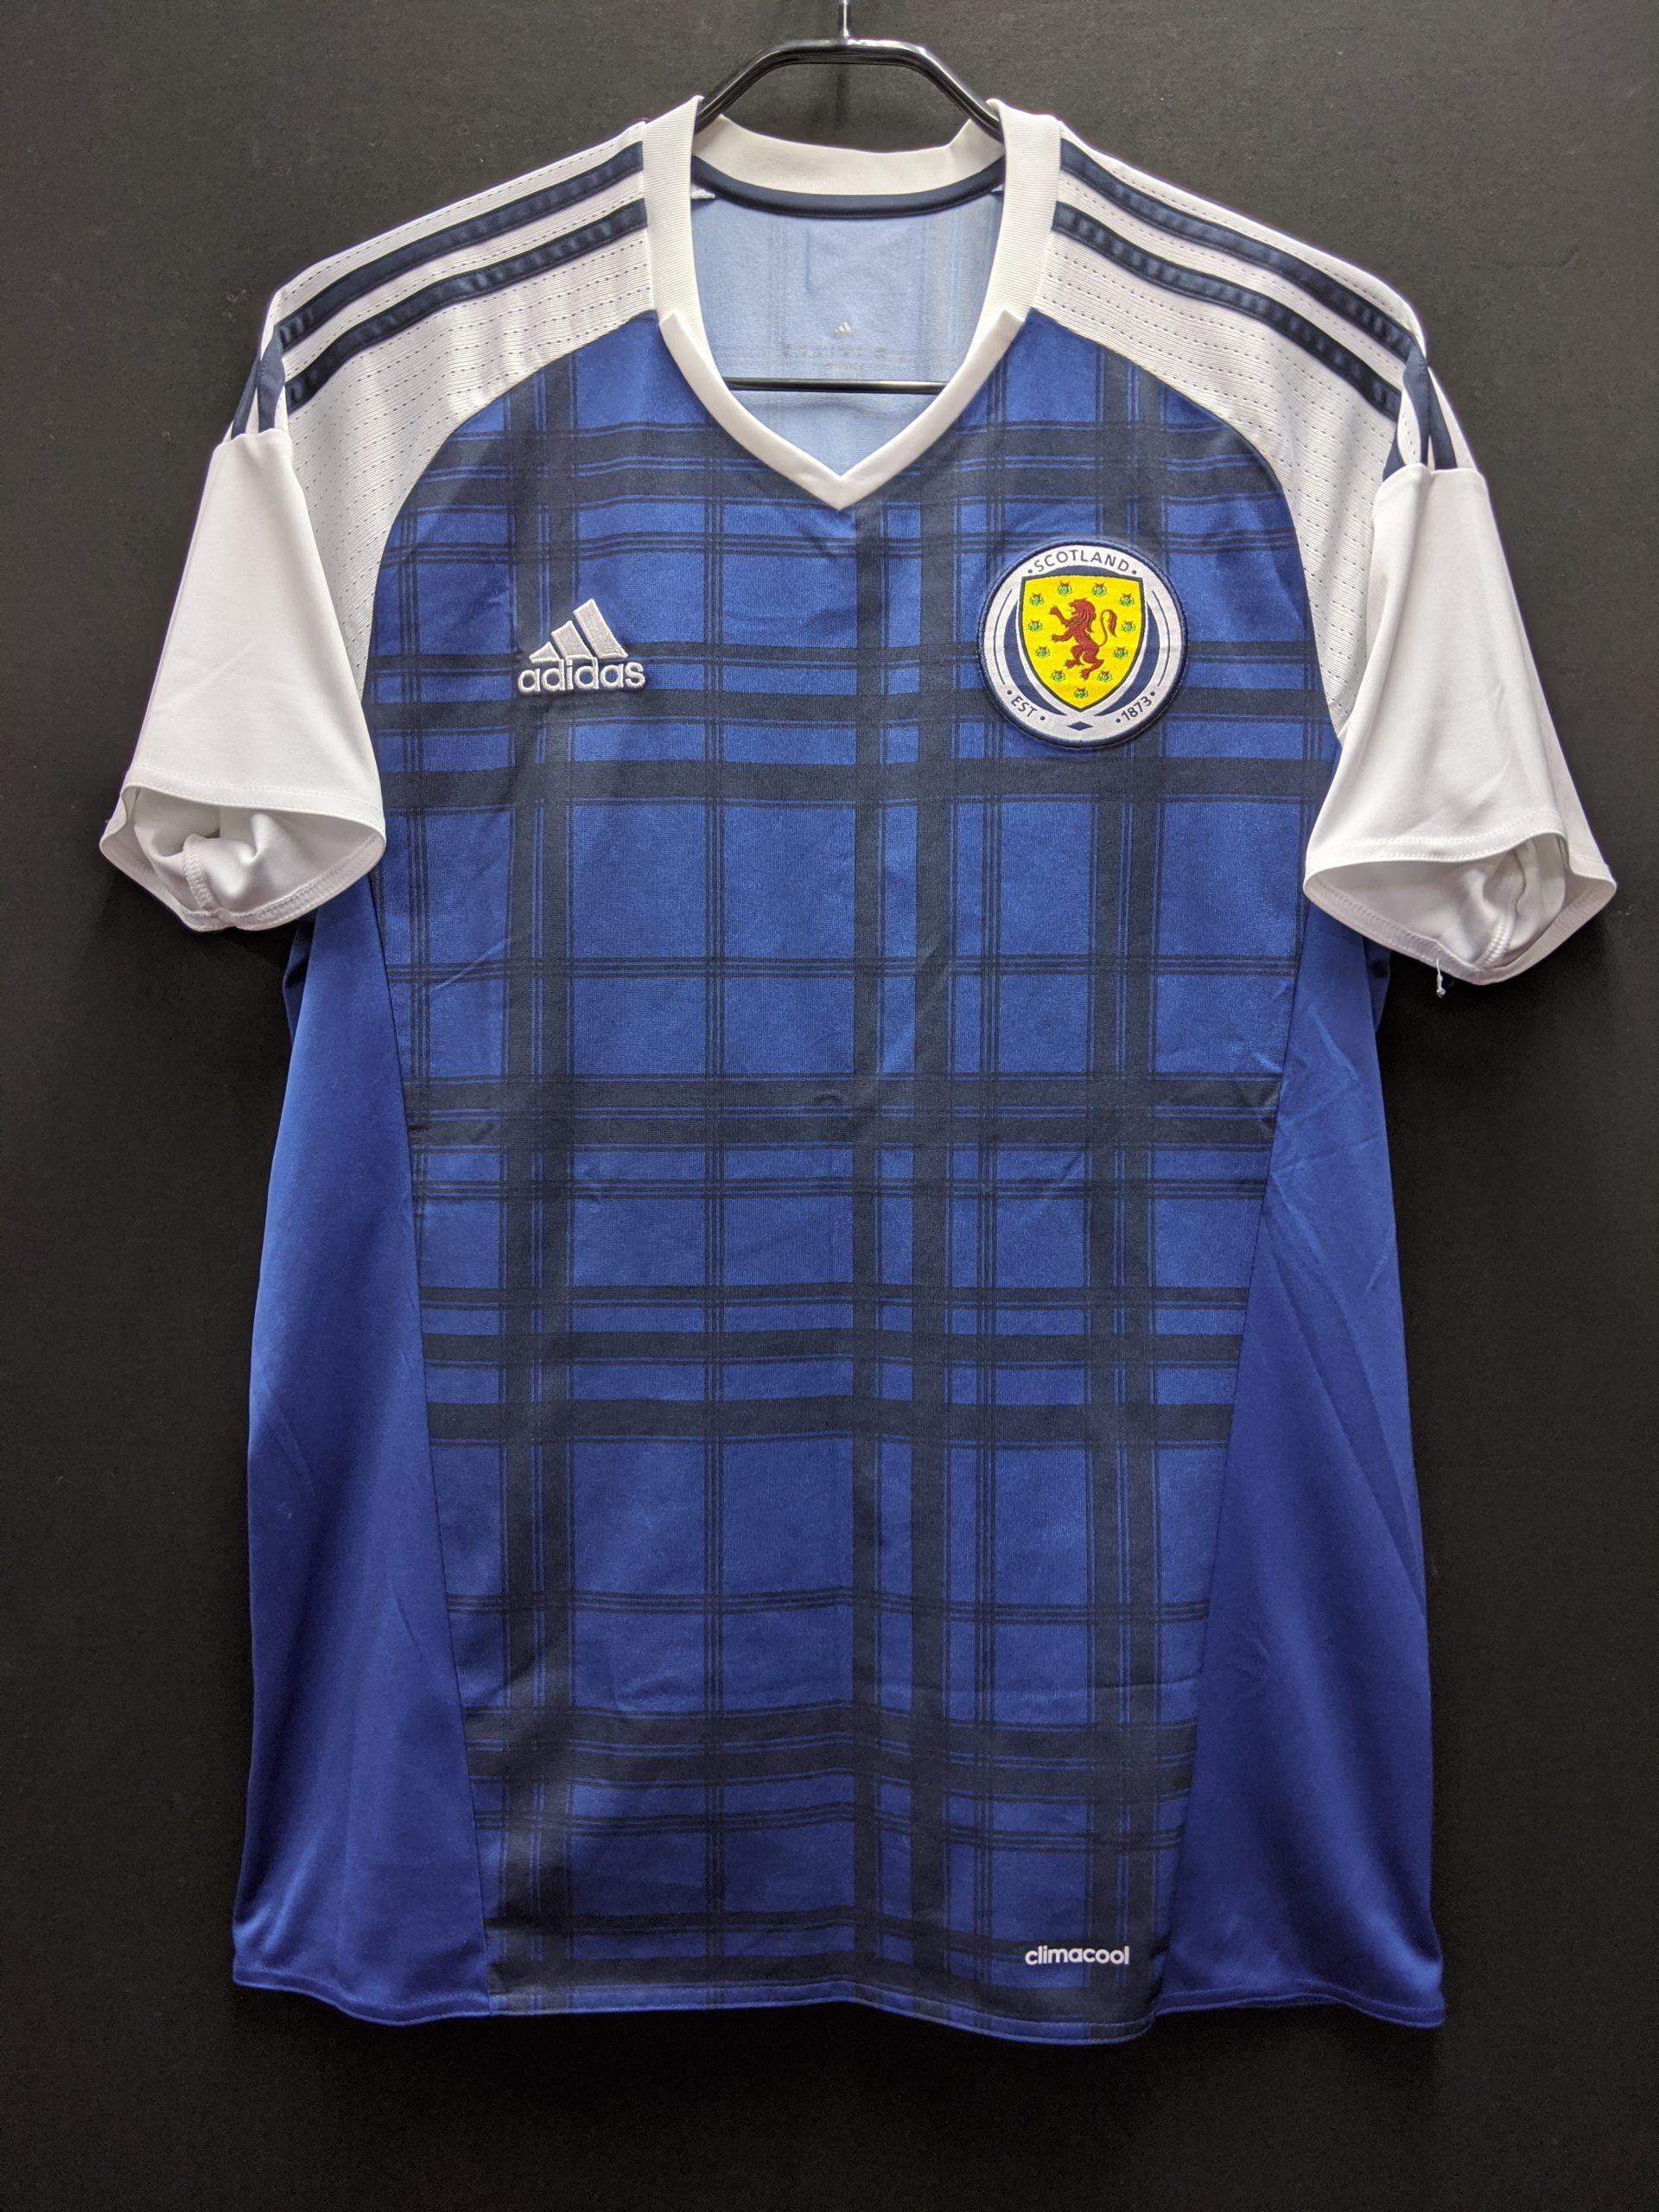 2016年スコットランド代表ユニフォーム